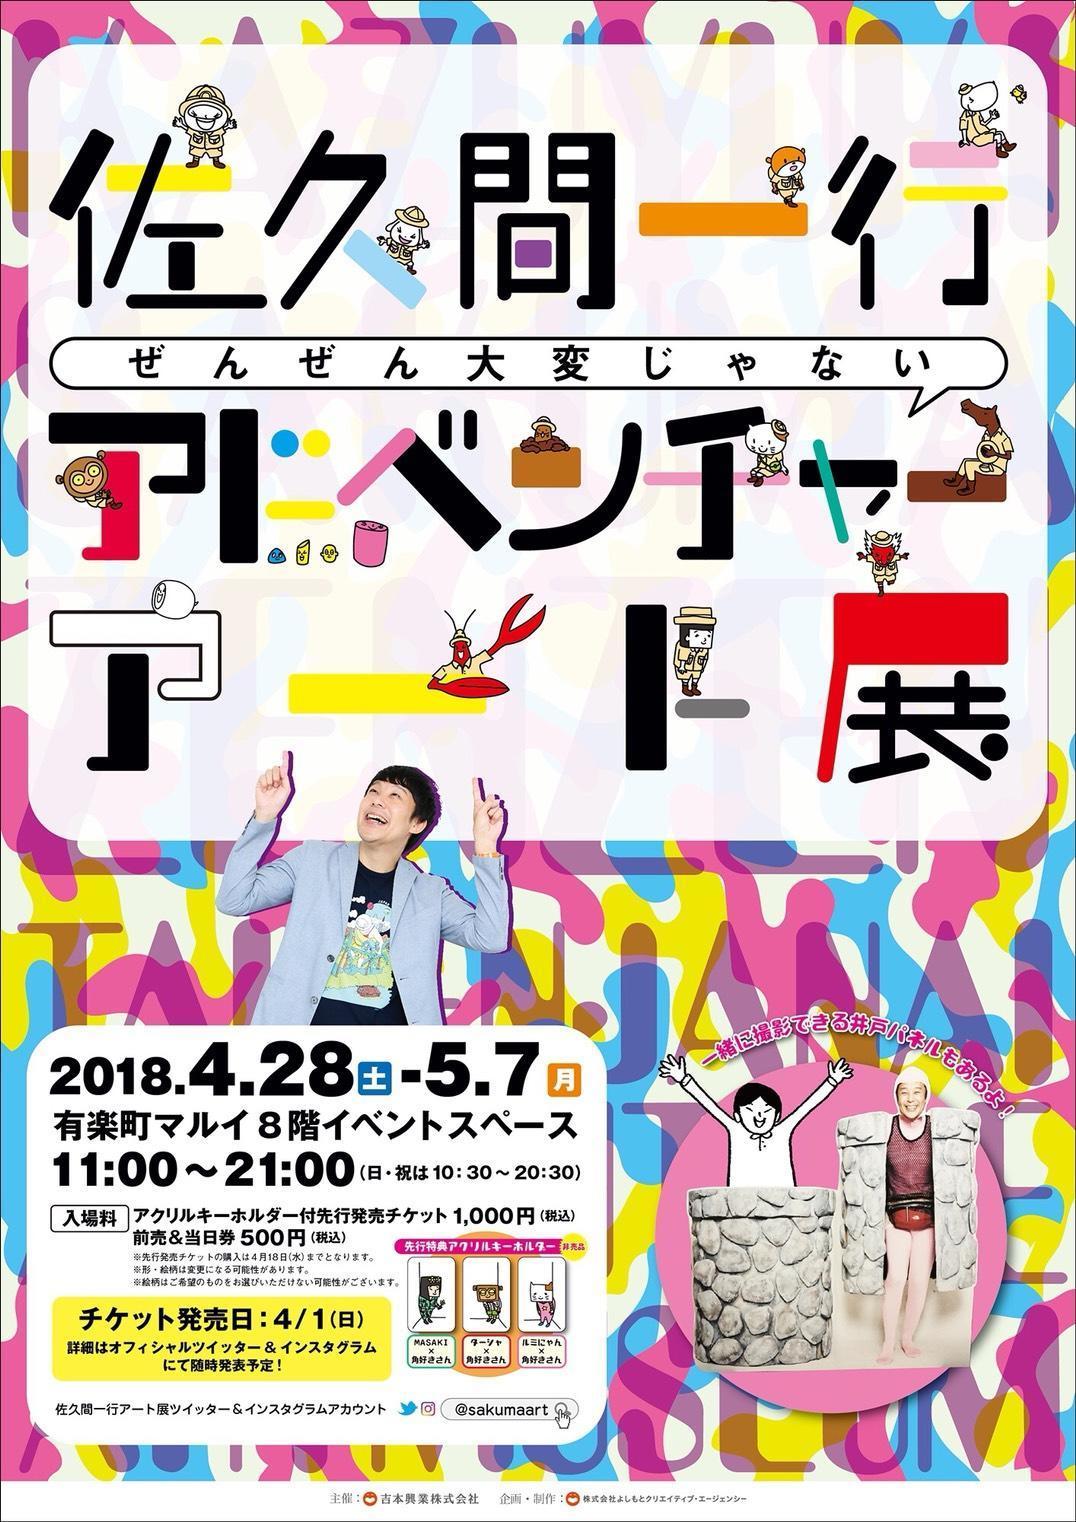 http://news.yoshimoto.co.jp/20180330095727-67f8d8e59d08e290572230a3b57b75676c2c3fe9.jpg